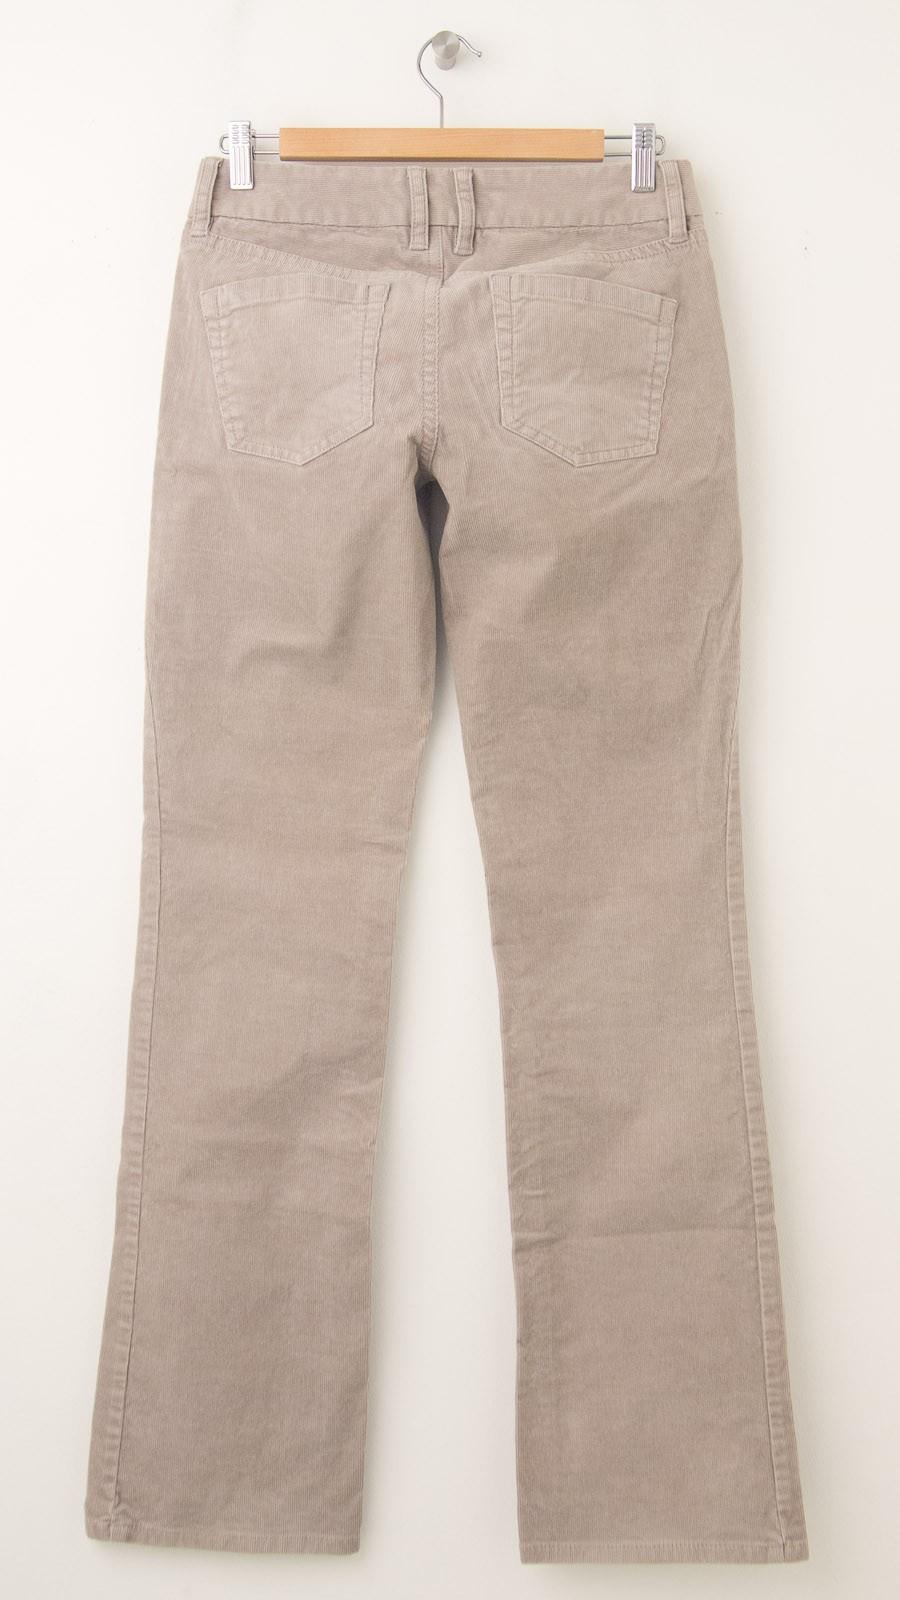 e3bf8c73ff7 ... J. Crew Favorite Fit Stretch Bootcut Cord Corduroy Pants Women's 0R